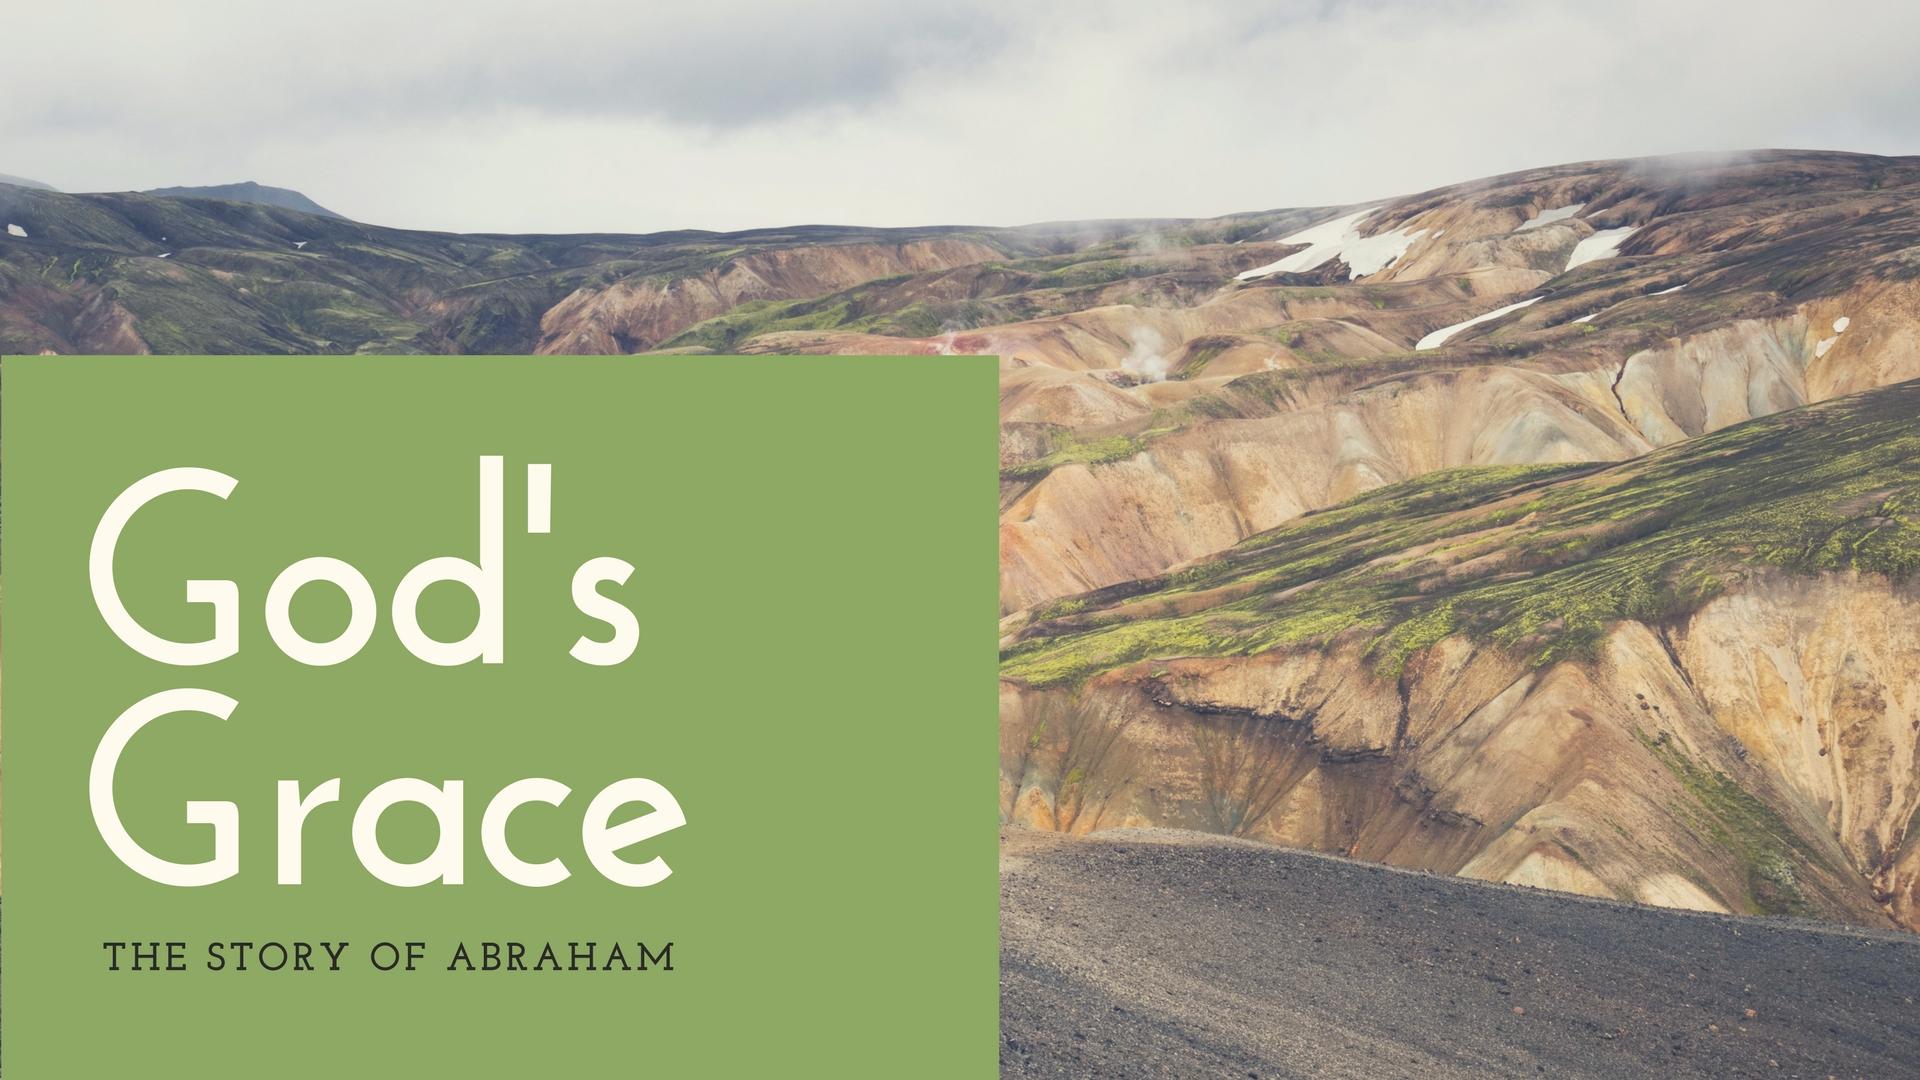 God's Grace (1).jpg